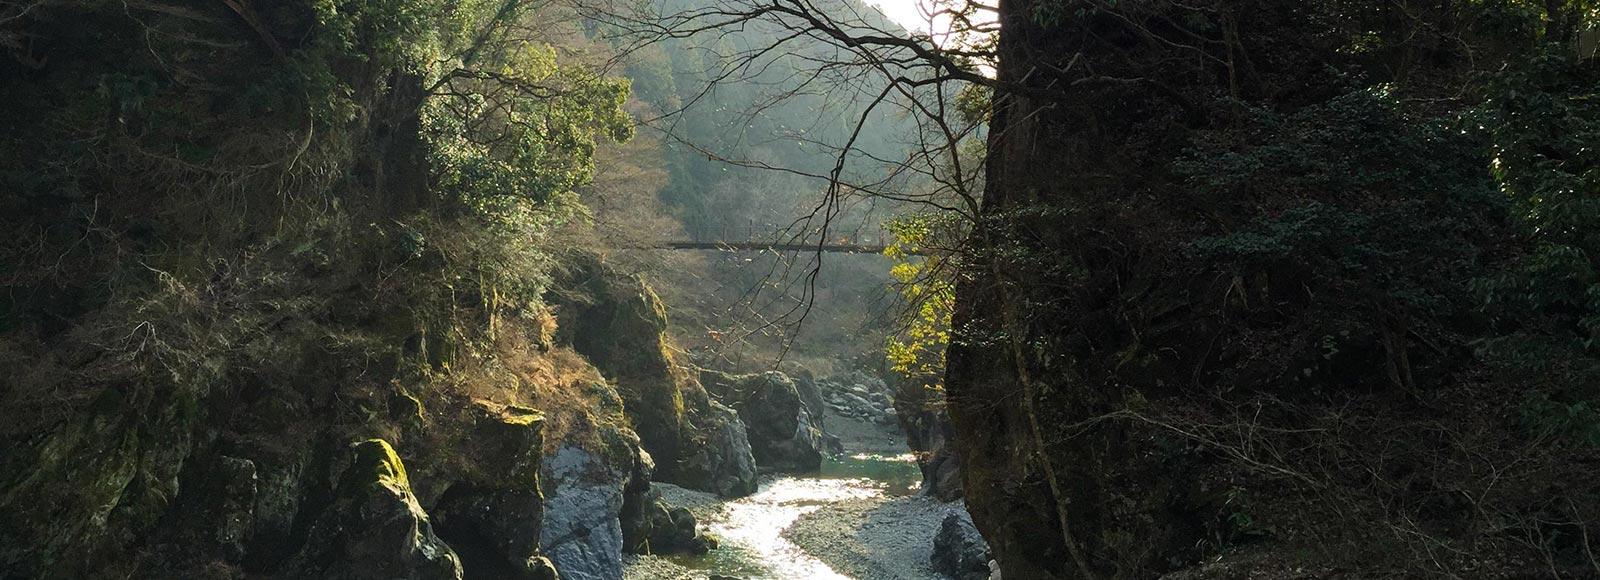 巨岩奇岩が連なる渓谷美を満喫